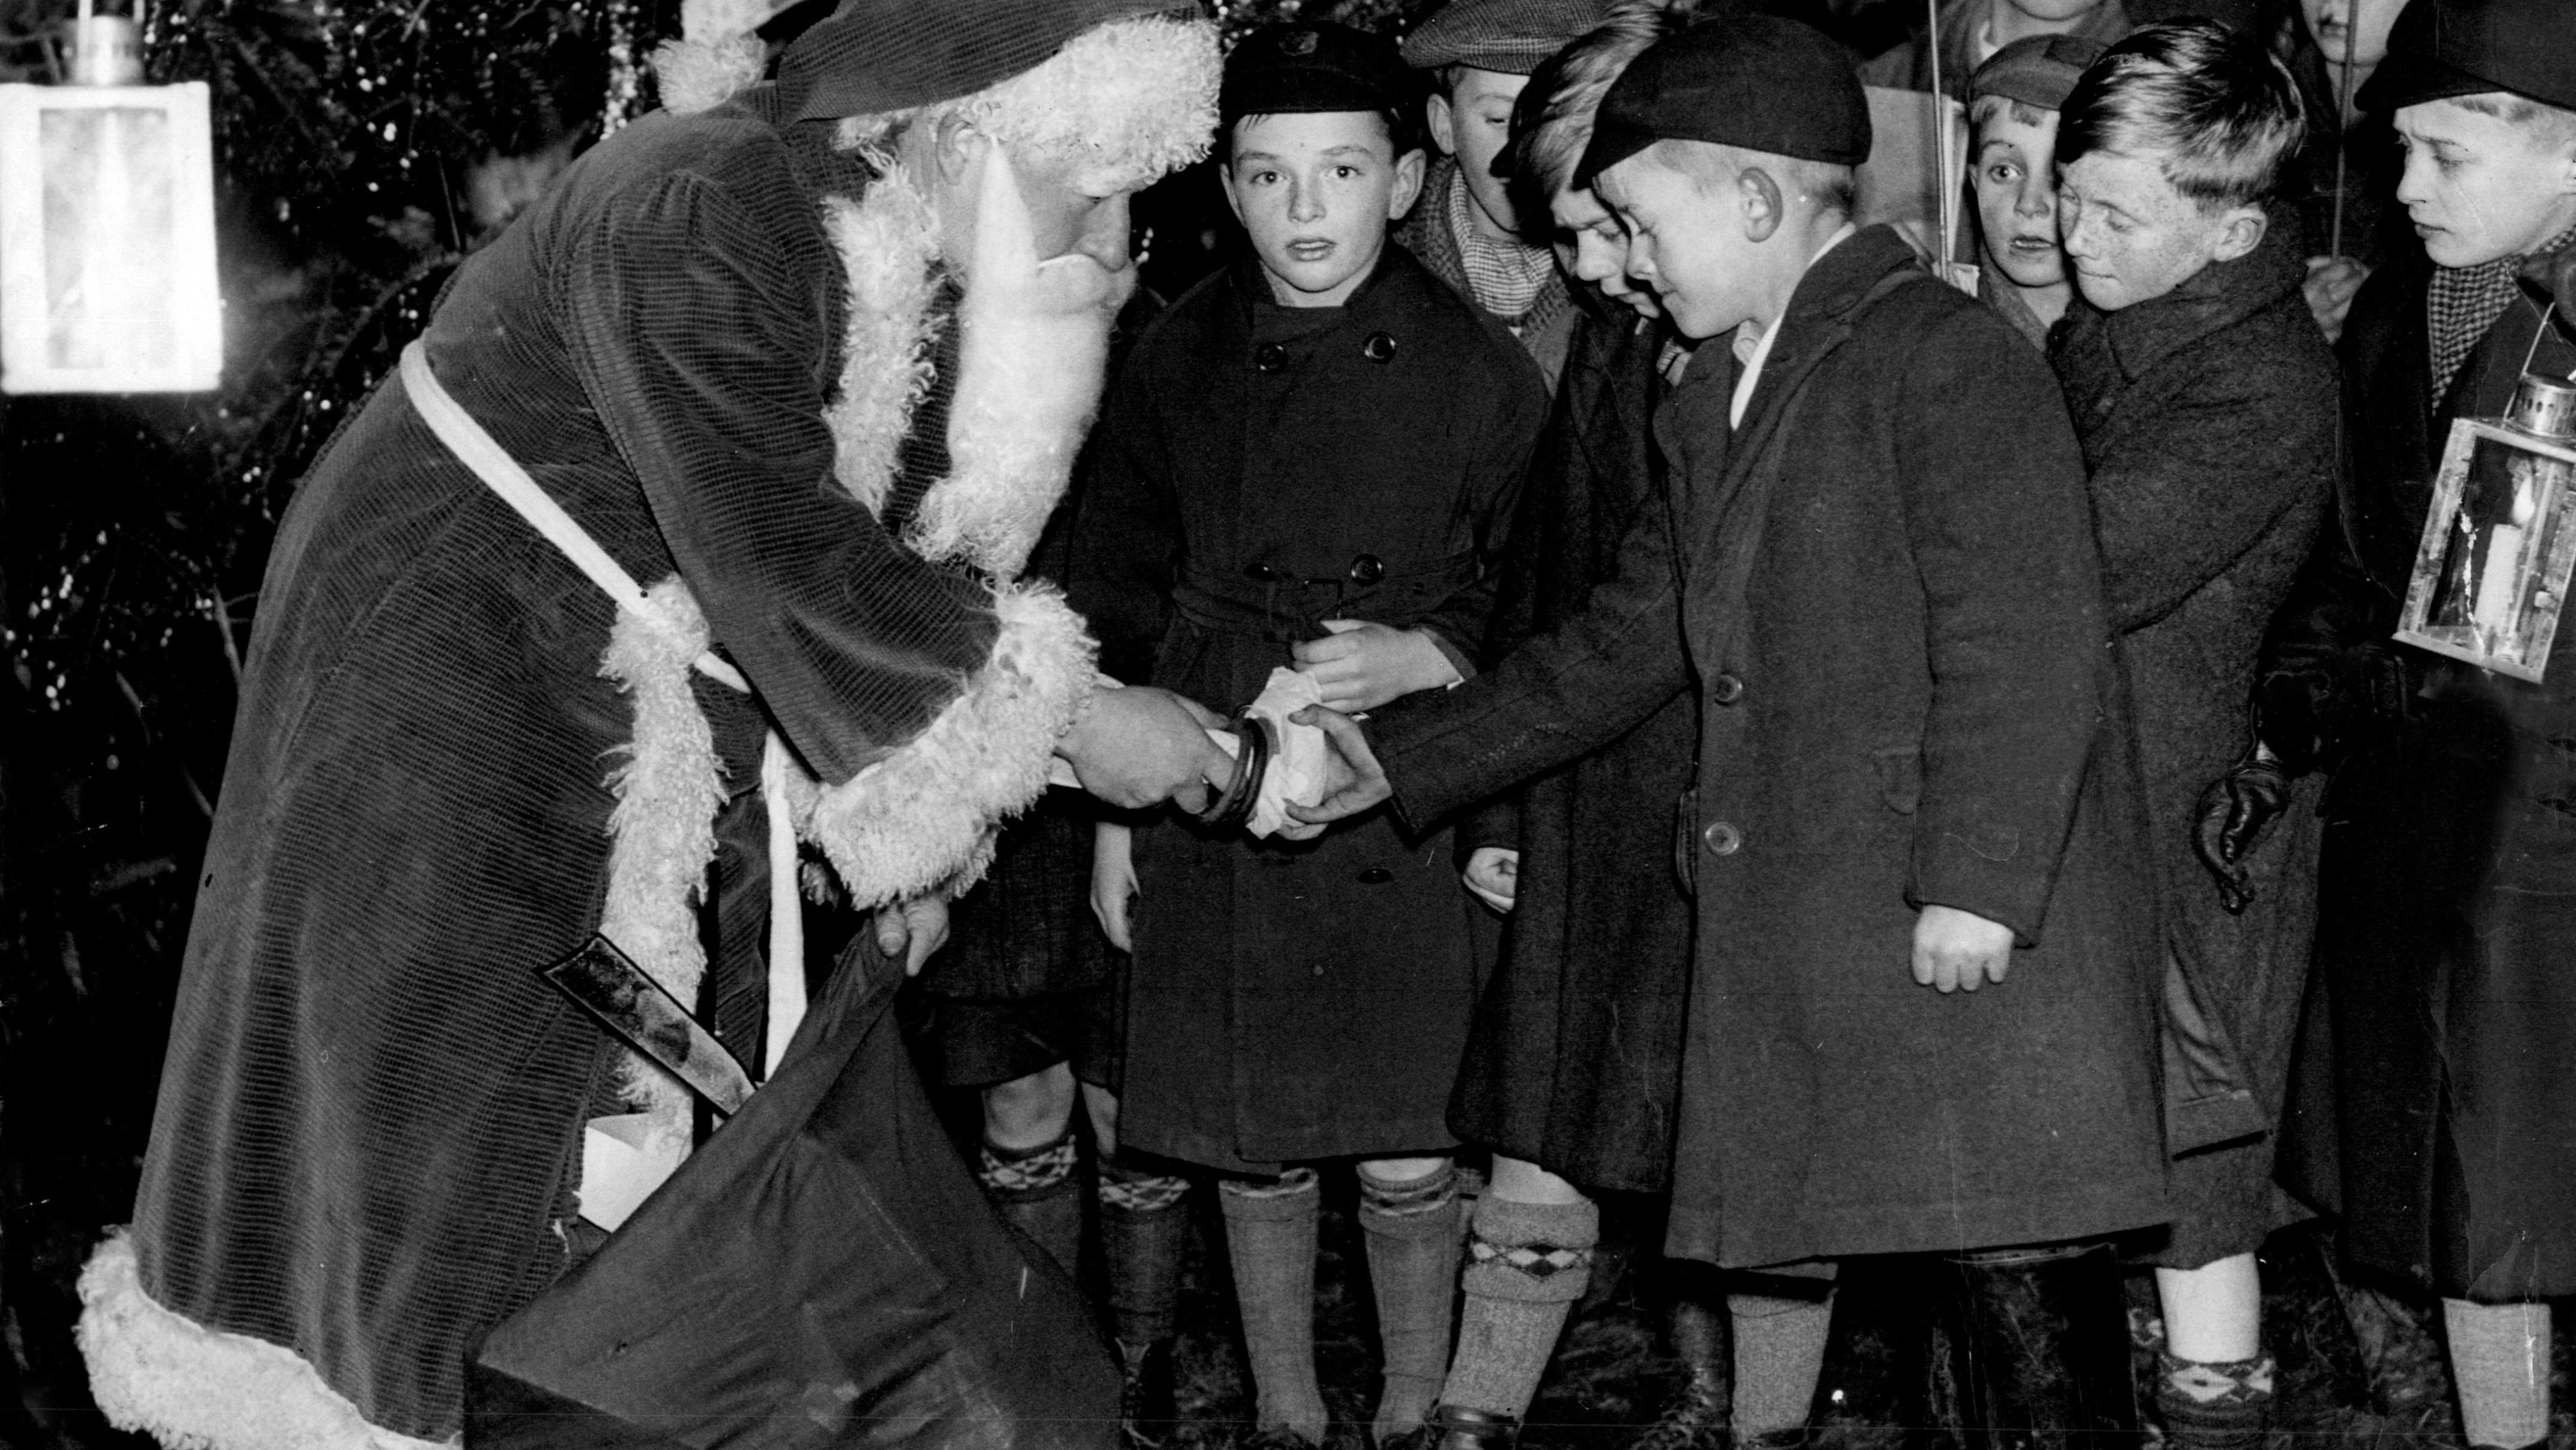 Schwarz-weiß Aufnahme eines Weihnachtsmanns, der Kindern Geschenke gibt in Hunworth, Großbritannien, 1935